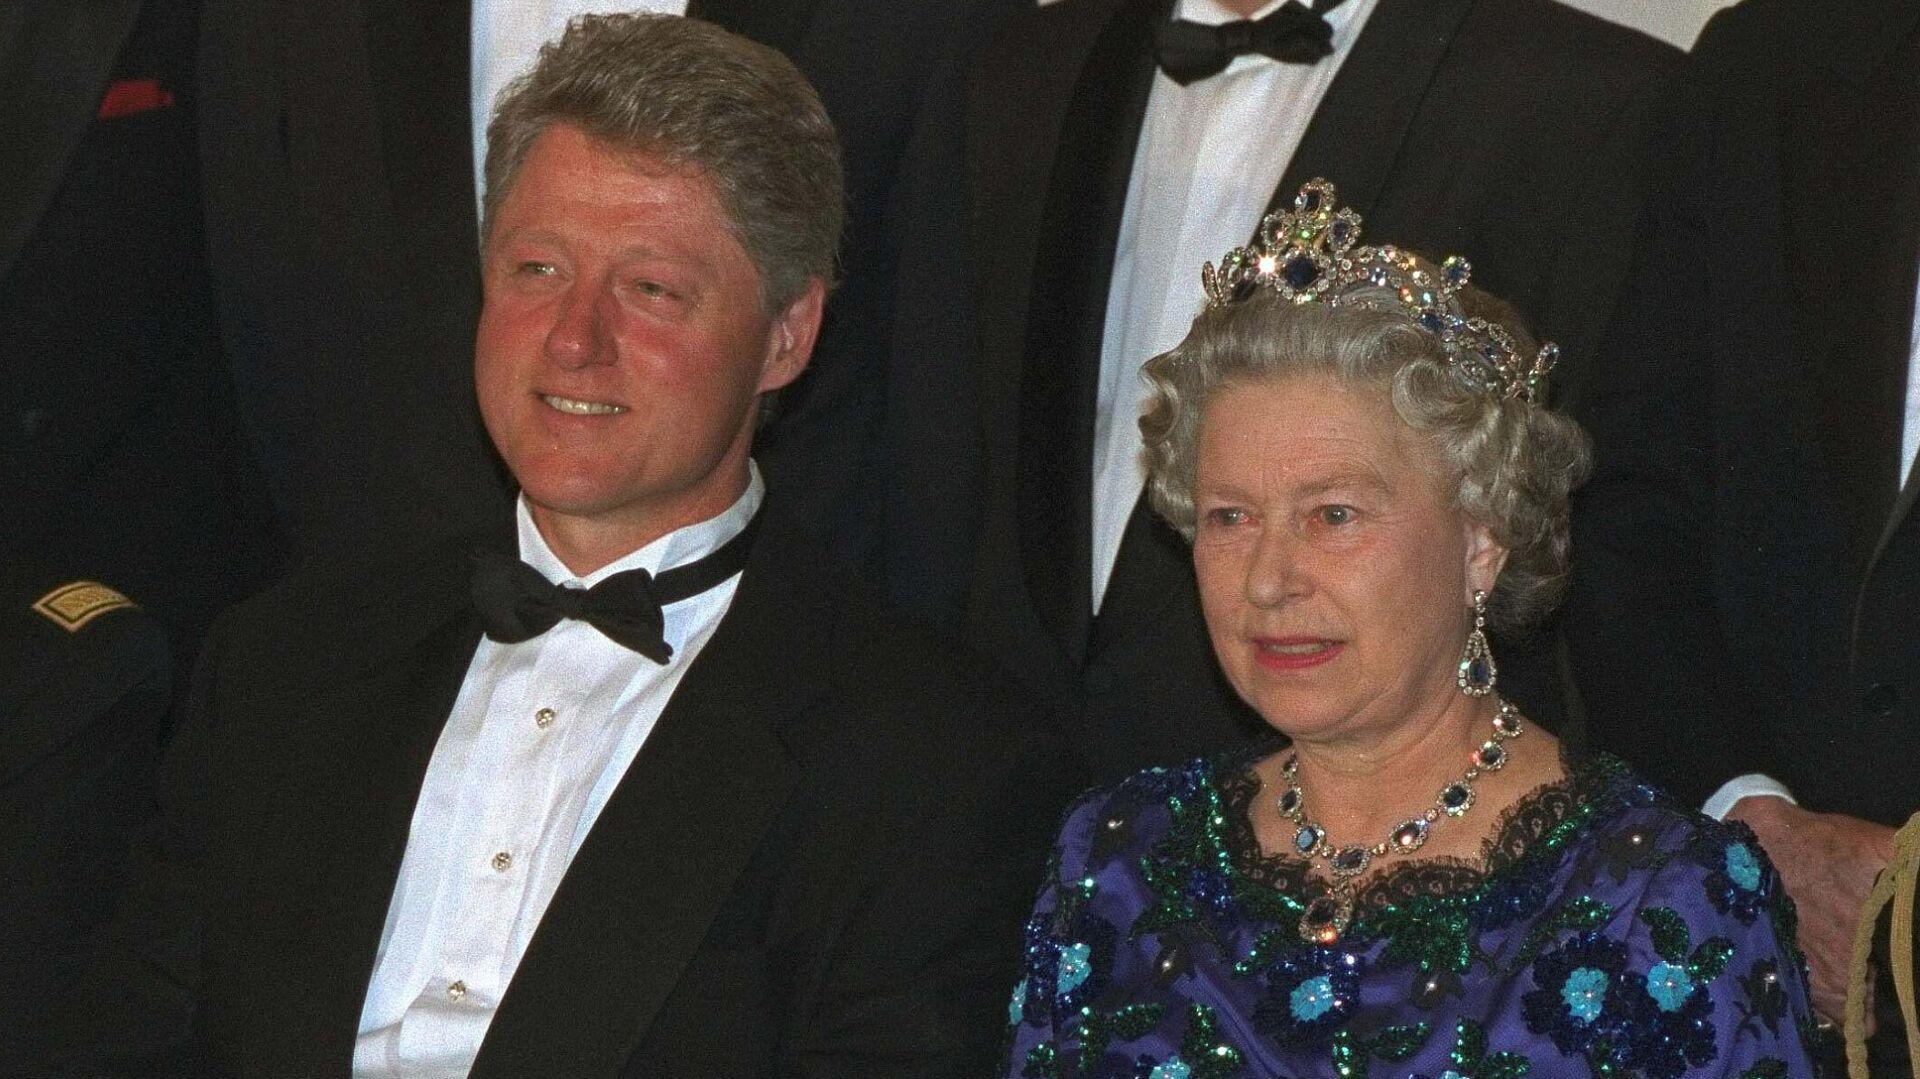 El presidente estadounidense, Bill Clinton, y la reina Isabel II durante una reunión en 1994 - Sputnik Mundo, 1920, 20.07.2021